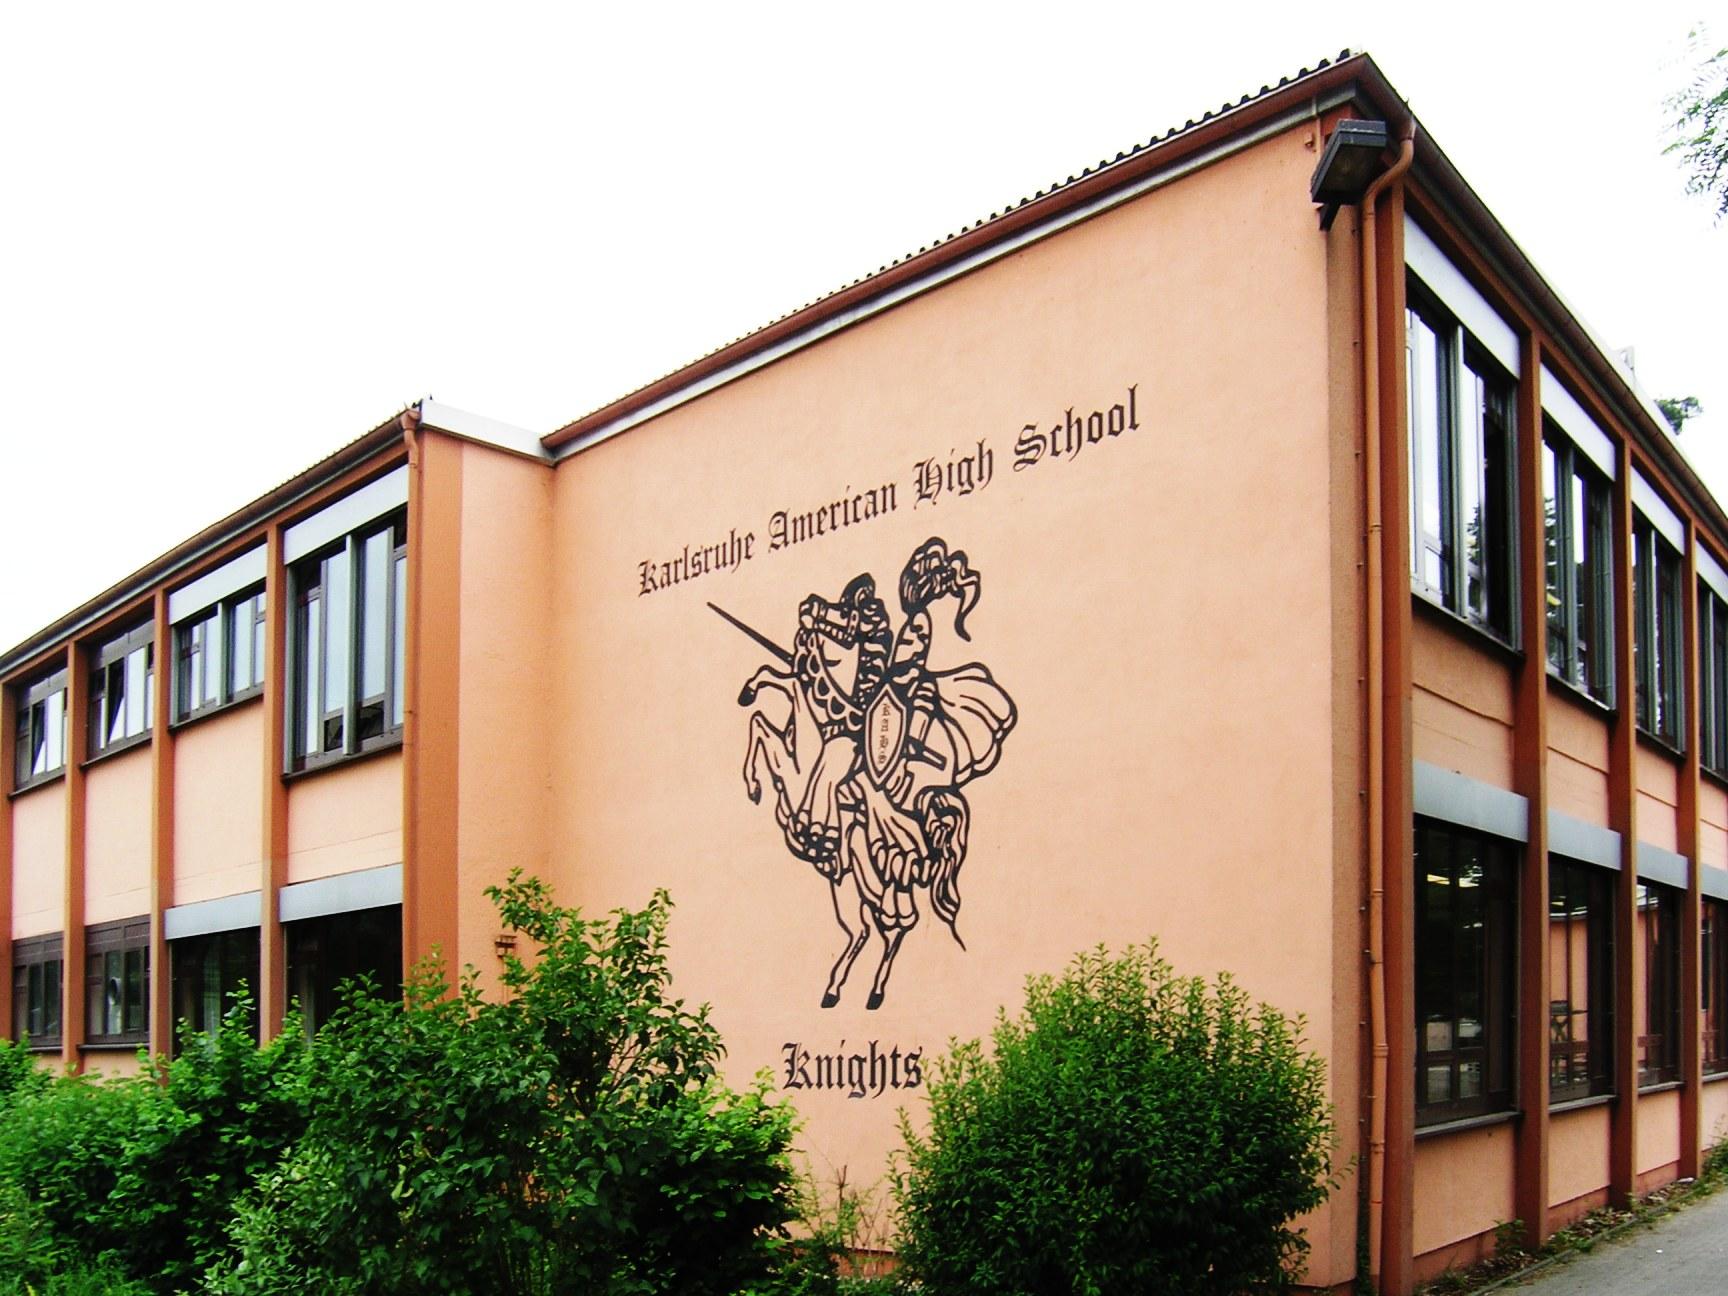 Karlsruhe American High School Wikipedia